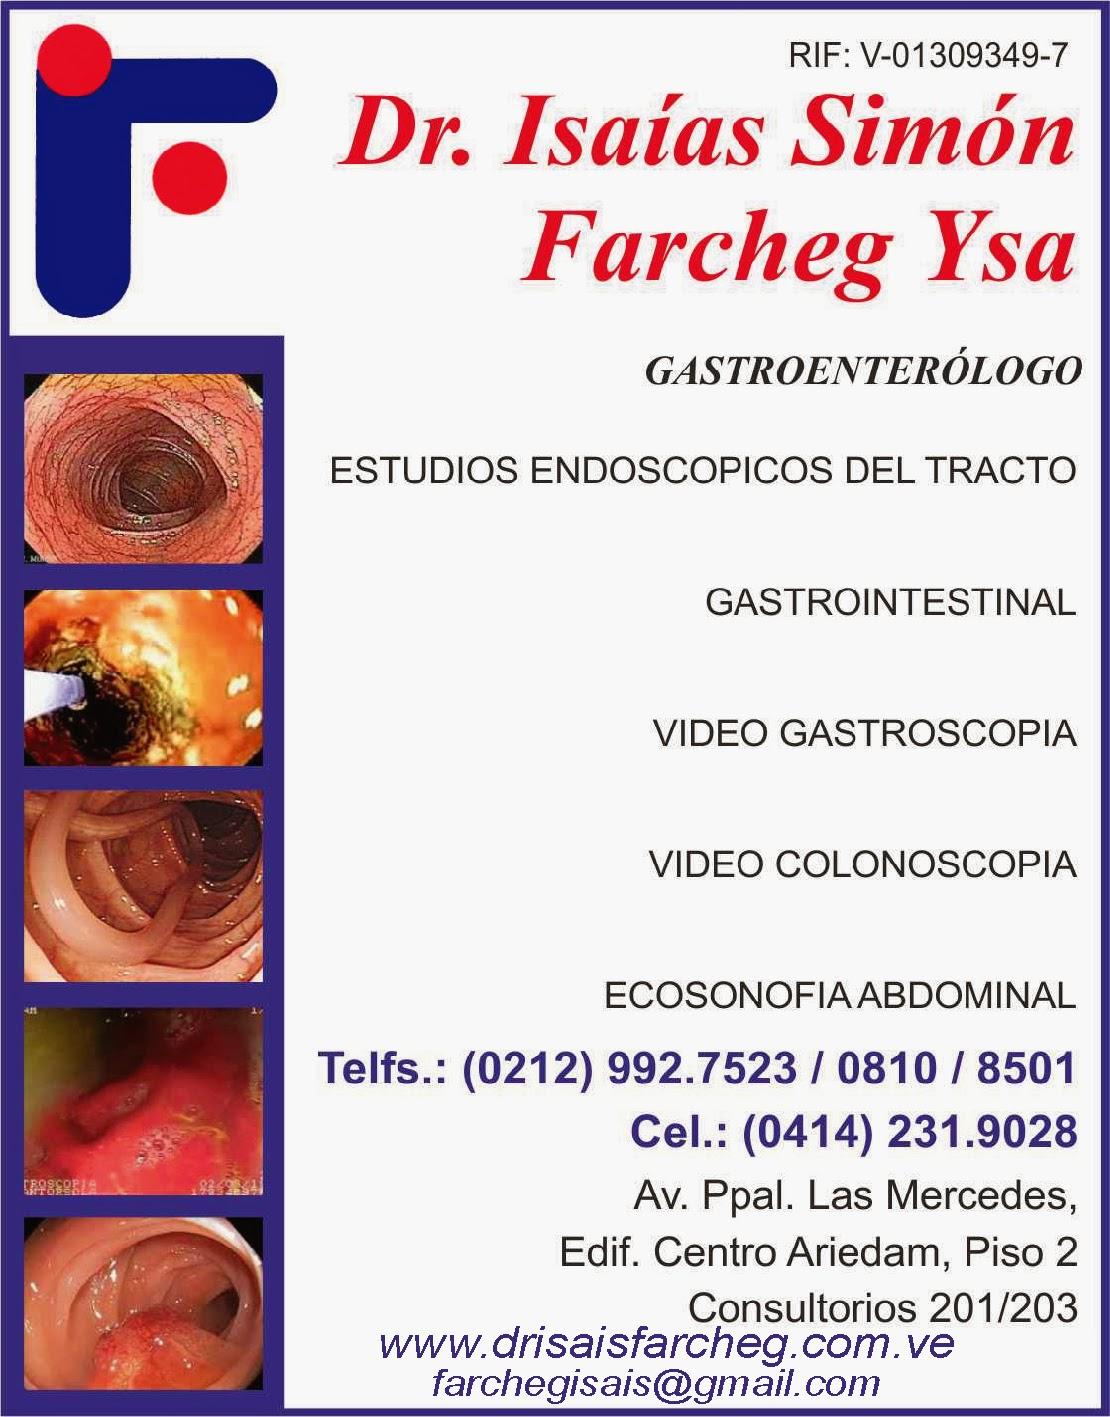 DR.ISA�AS SIM�N FARCHEG YSA en Paginas Amarillas tu guia Comercial